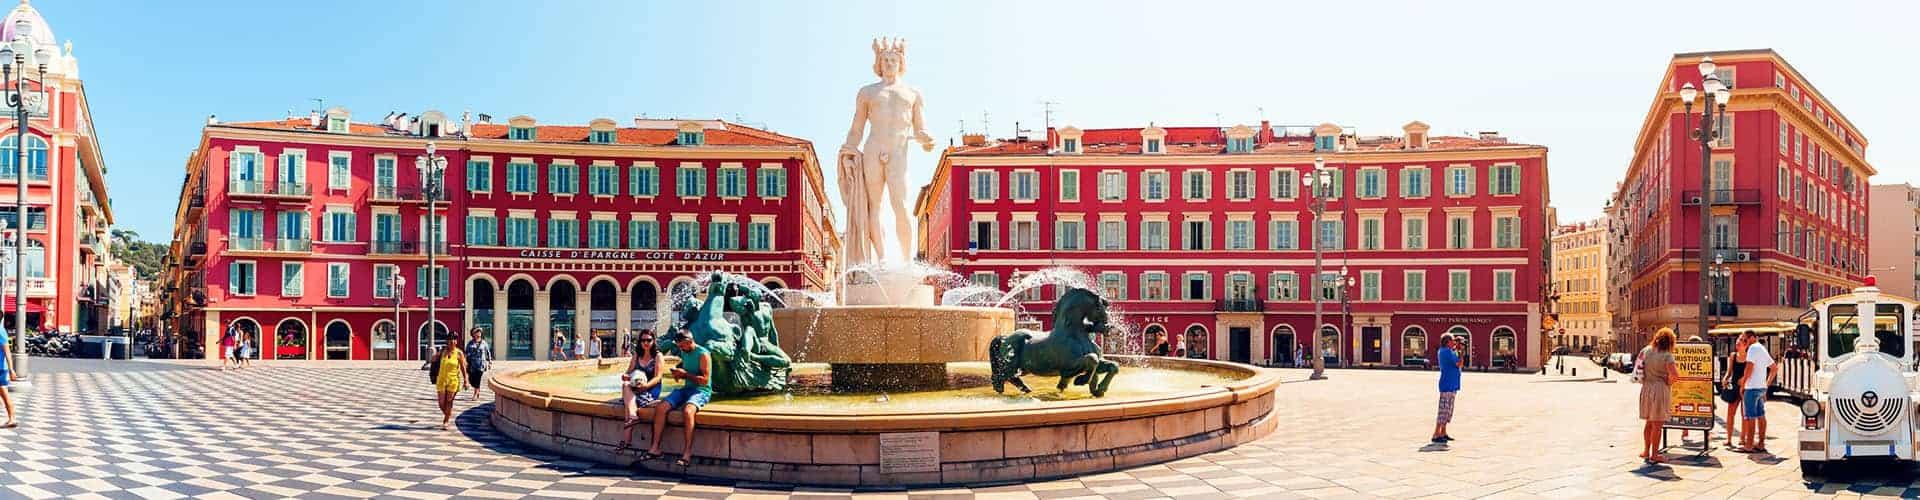 visitas guiadas en Niza